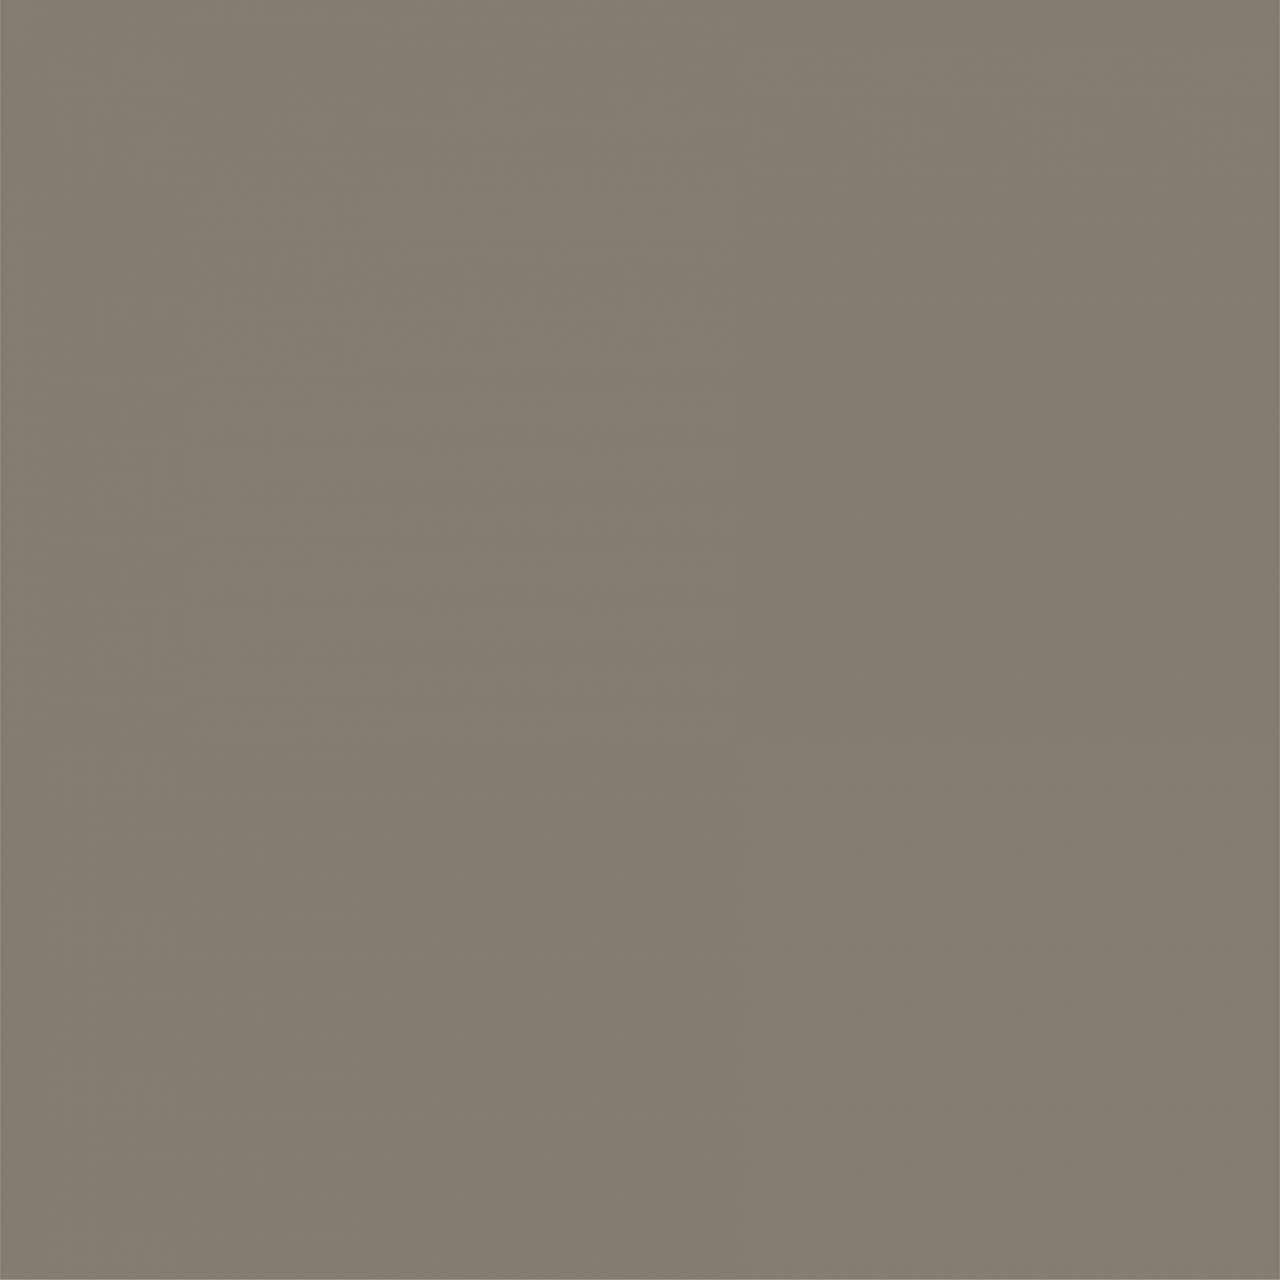 https://lamalifimmobilier.ma/wp-content/uploads/2020/07/Papier-paint-1280x1280.png